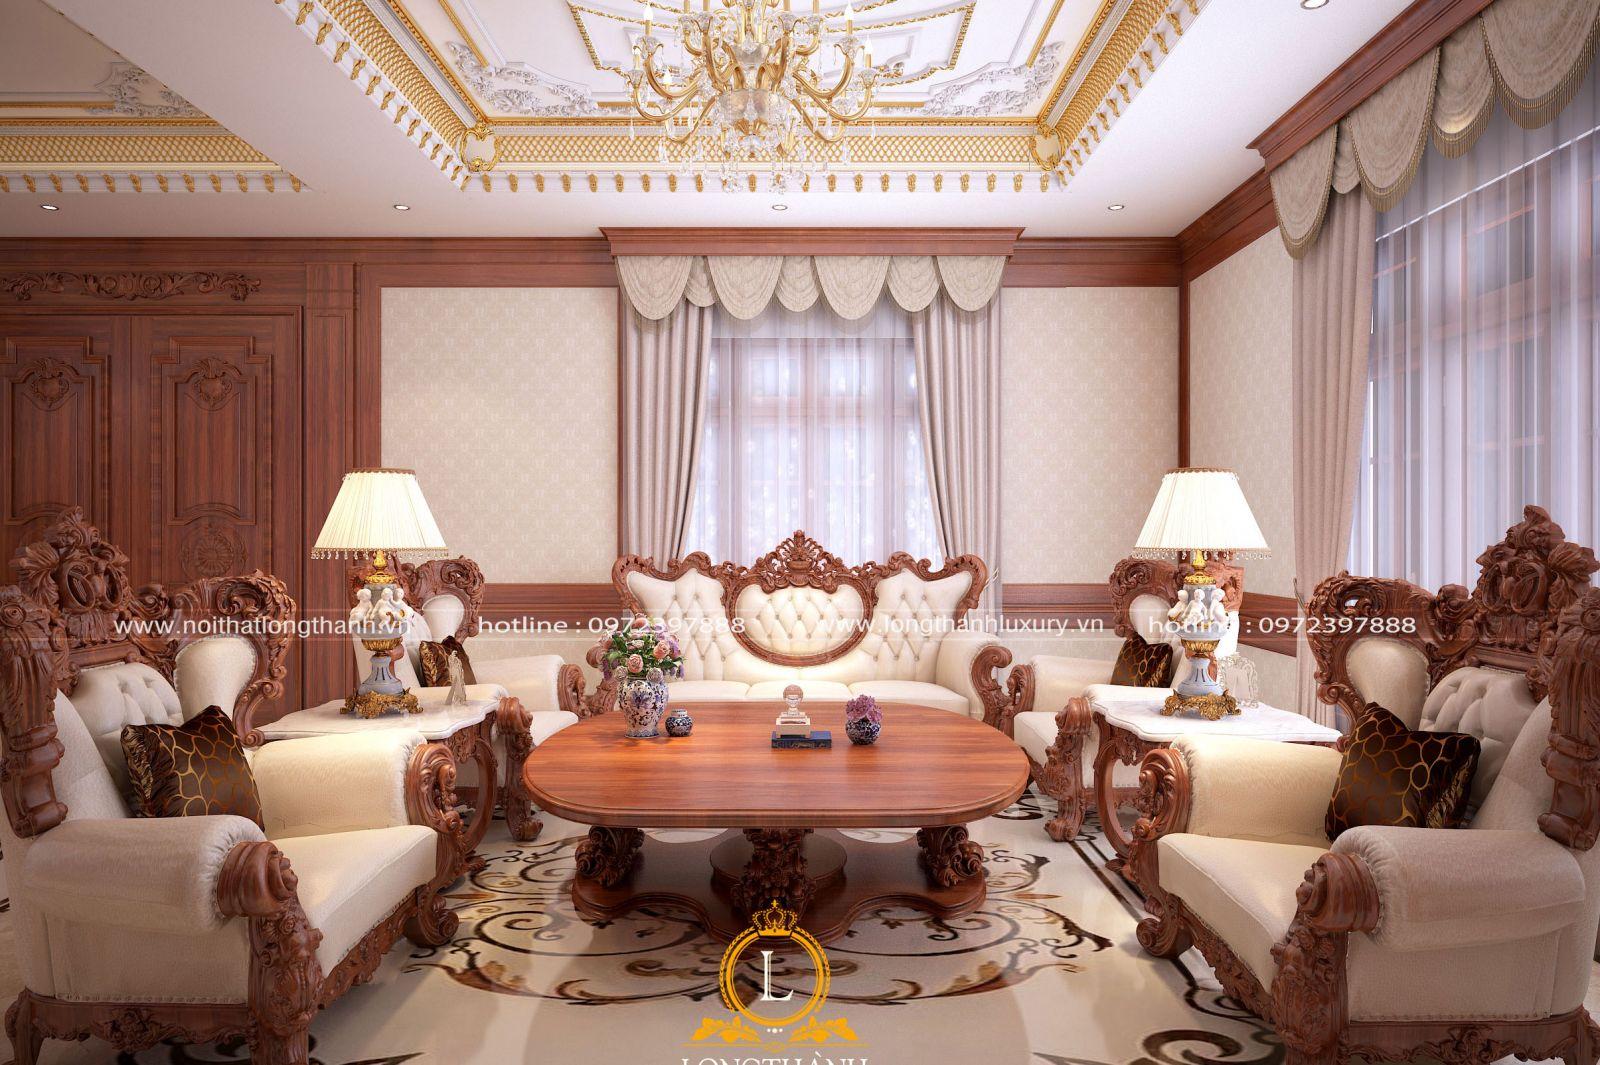 Mẫu sofa tân cổ điển sang trọng được thiết kế có kích thước cân đối với không gian phòng khách